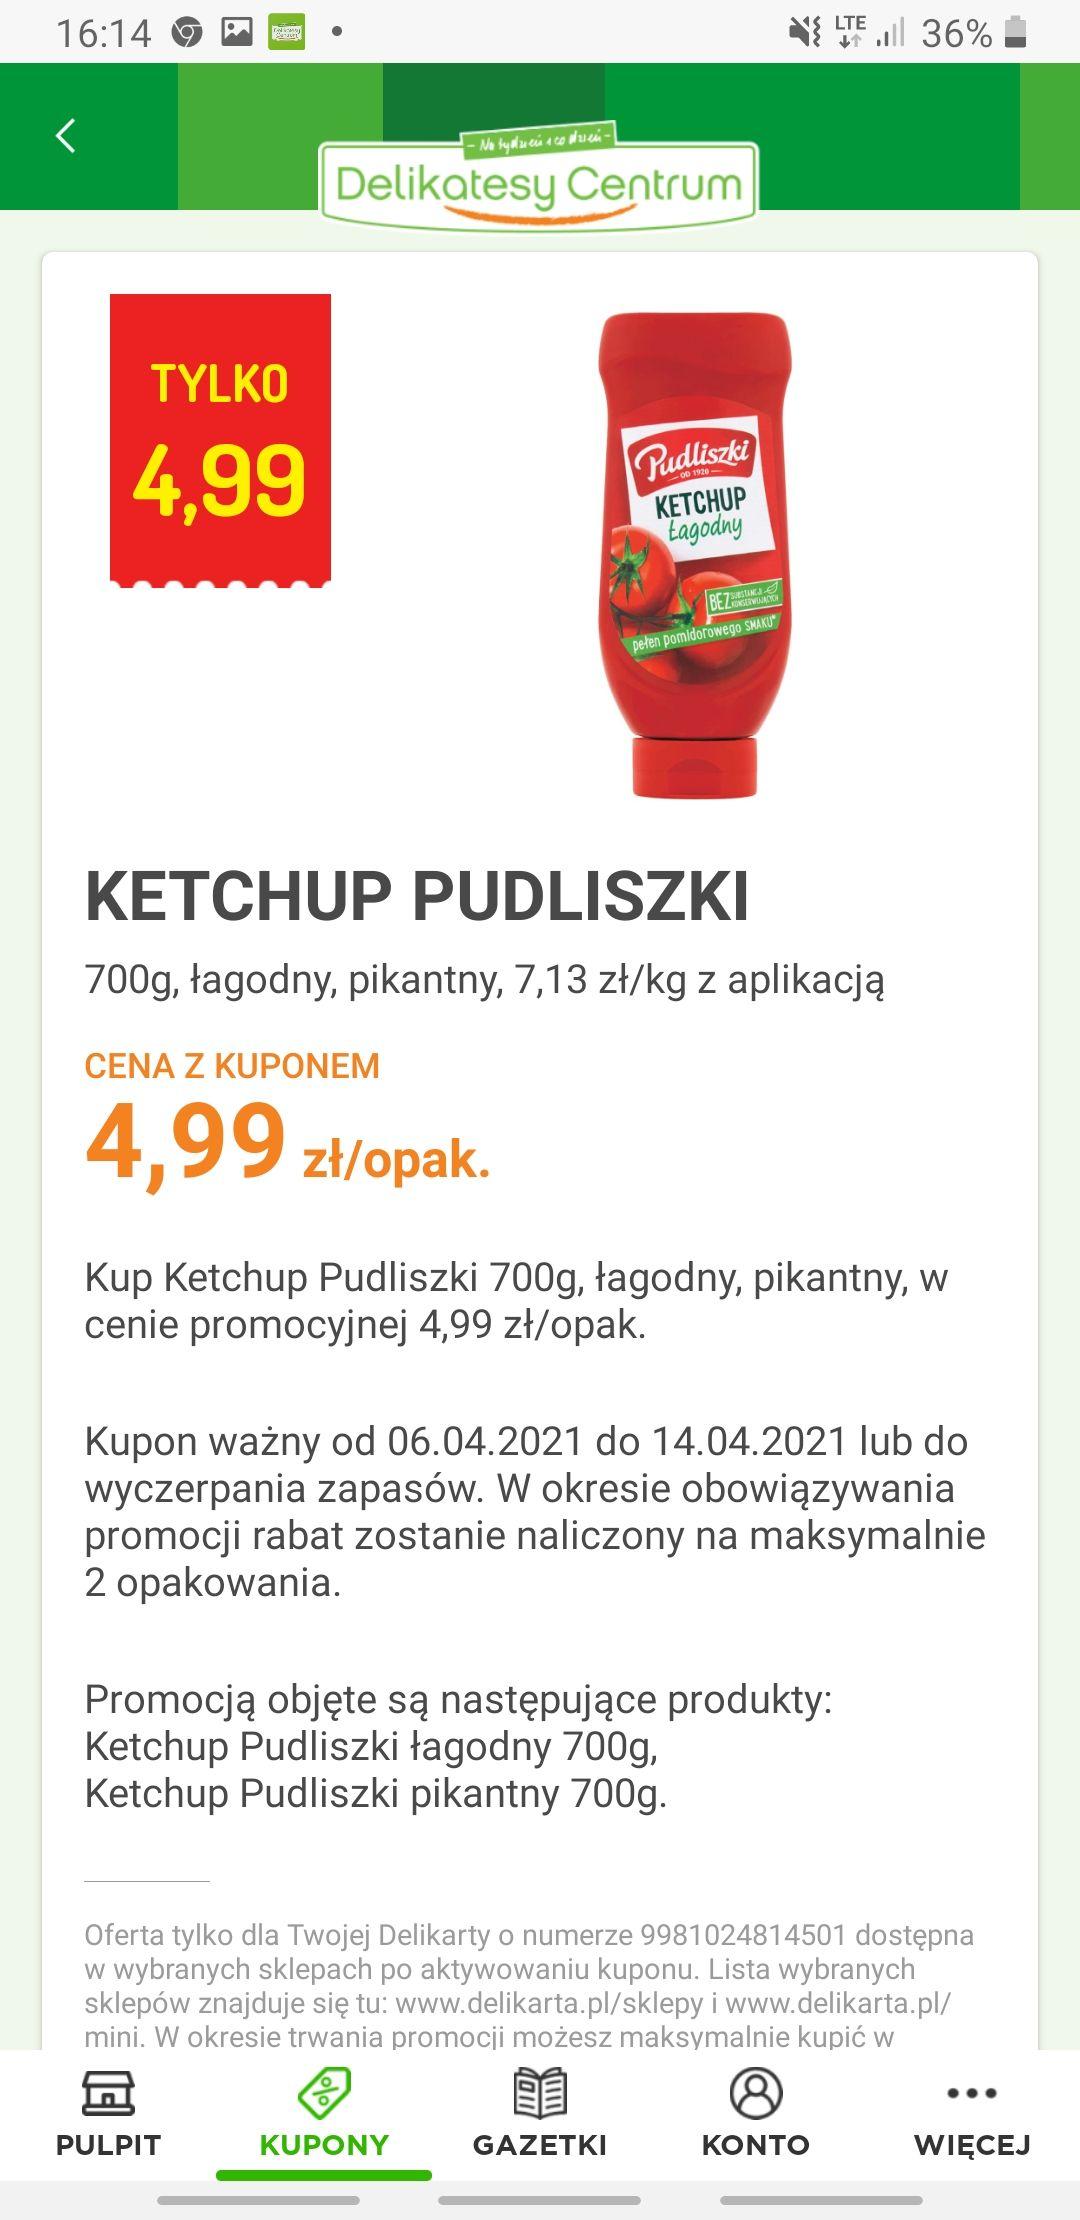 Ketchup Pudliszki za 4.99zł z aplikacją. Delikatesy Centrum